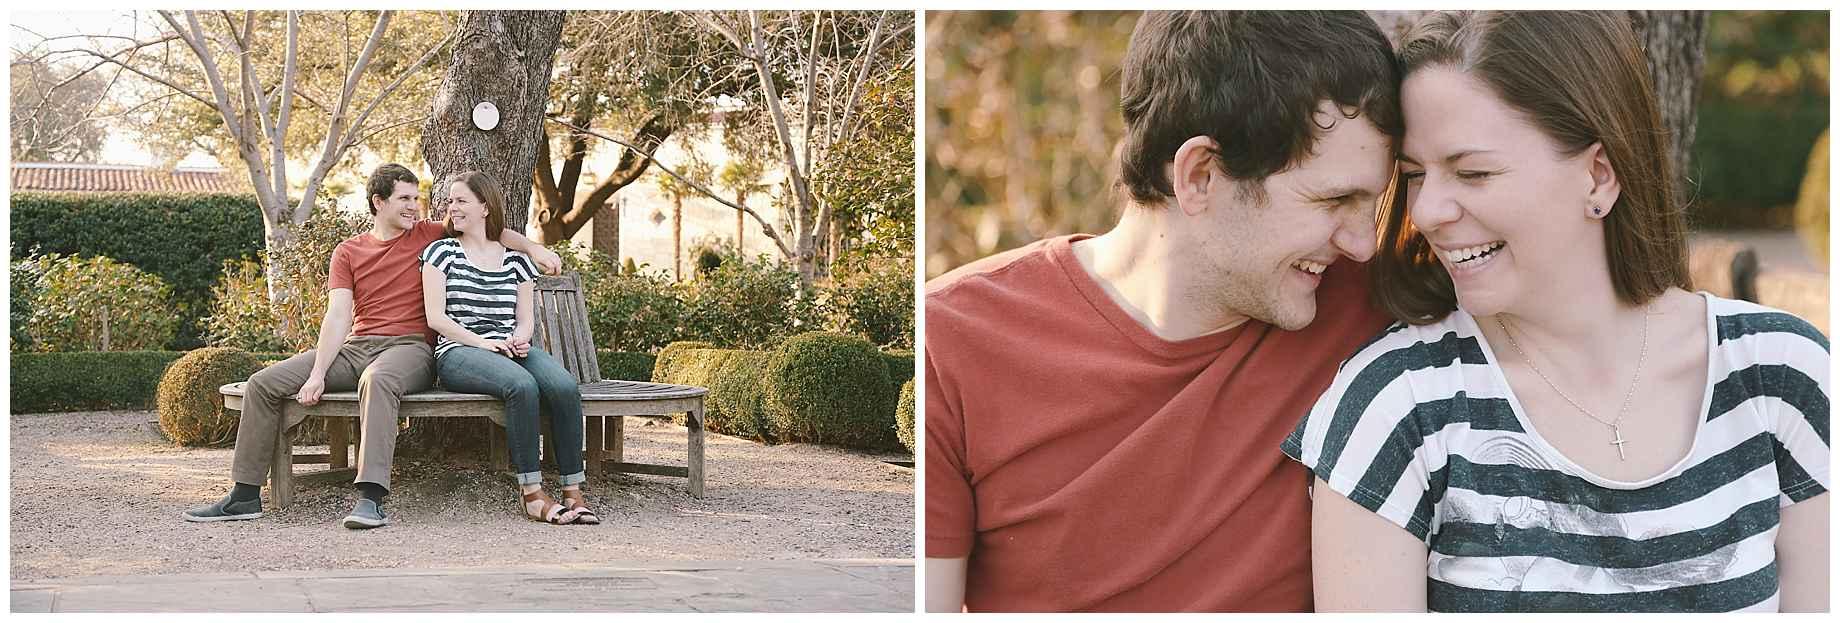 dallas-arboretum-engagement-photos-08